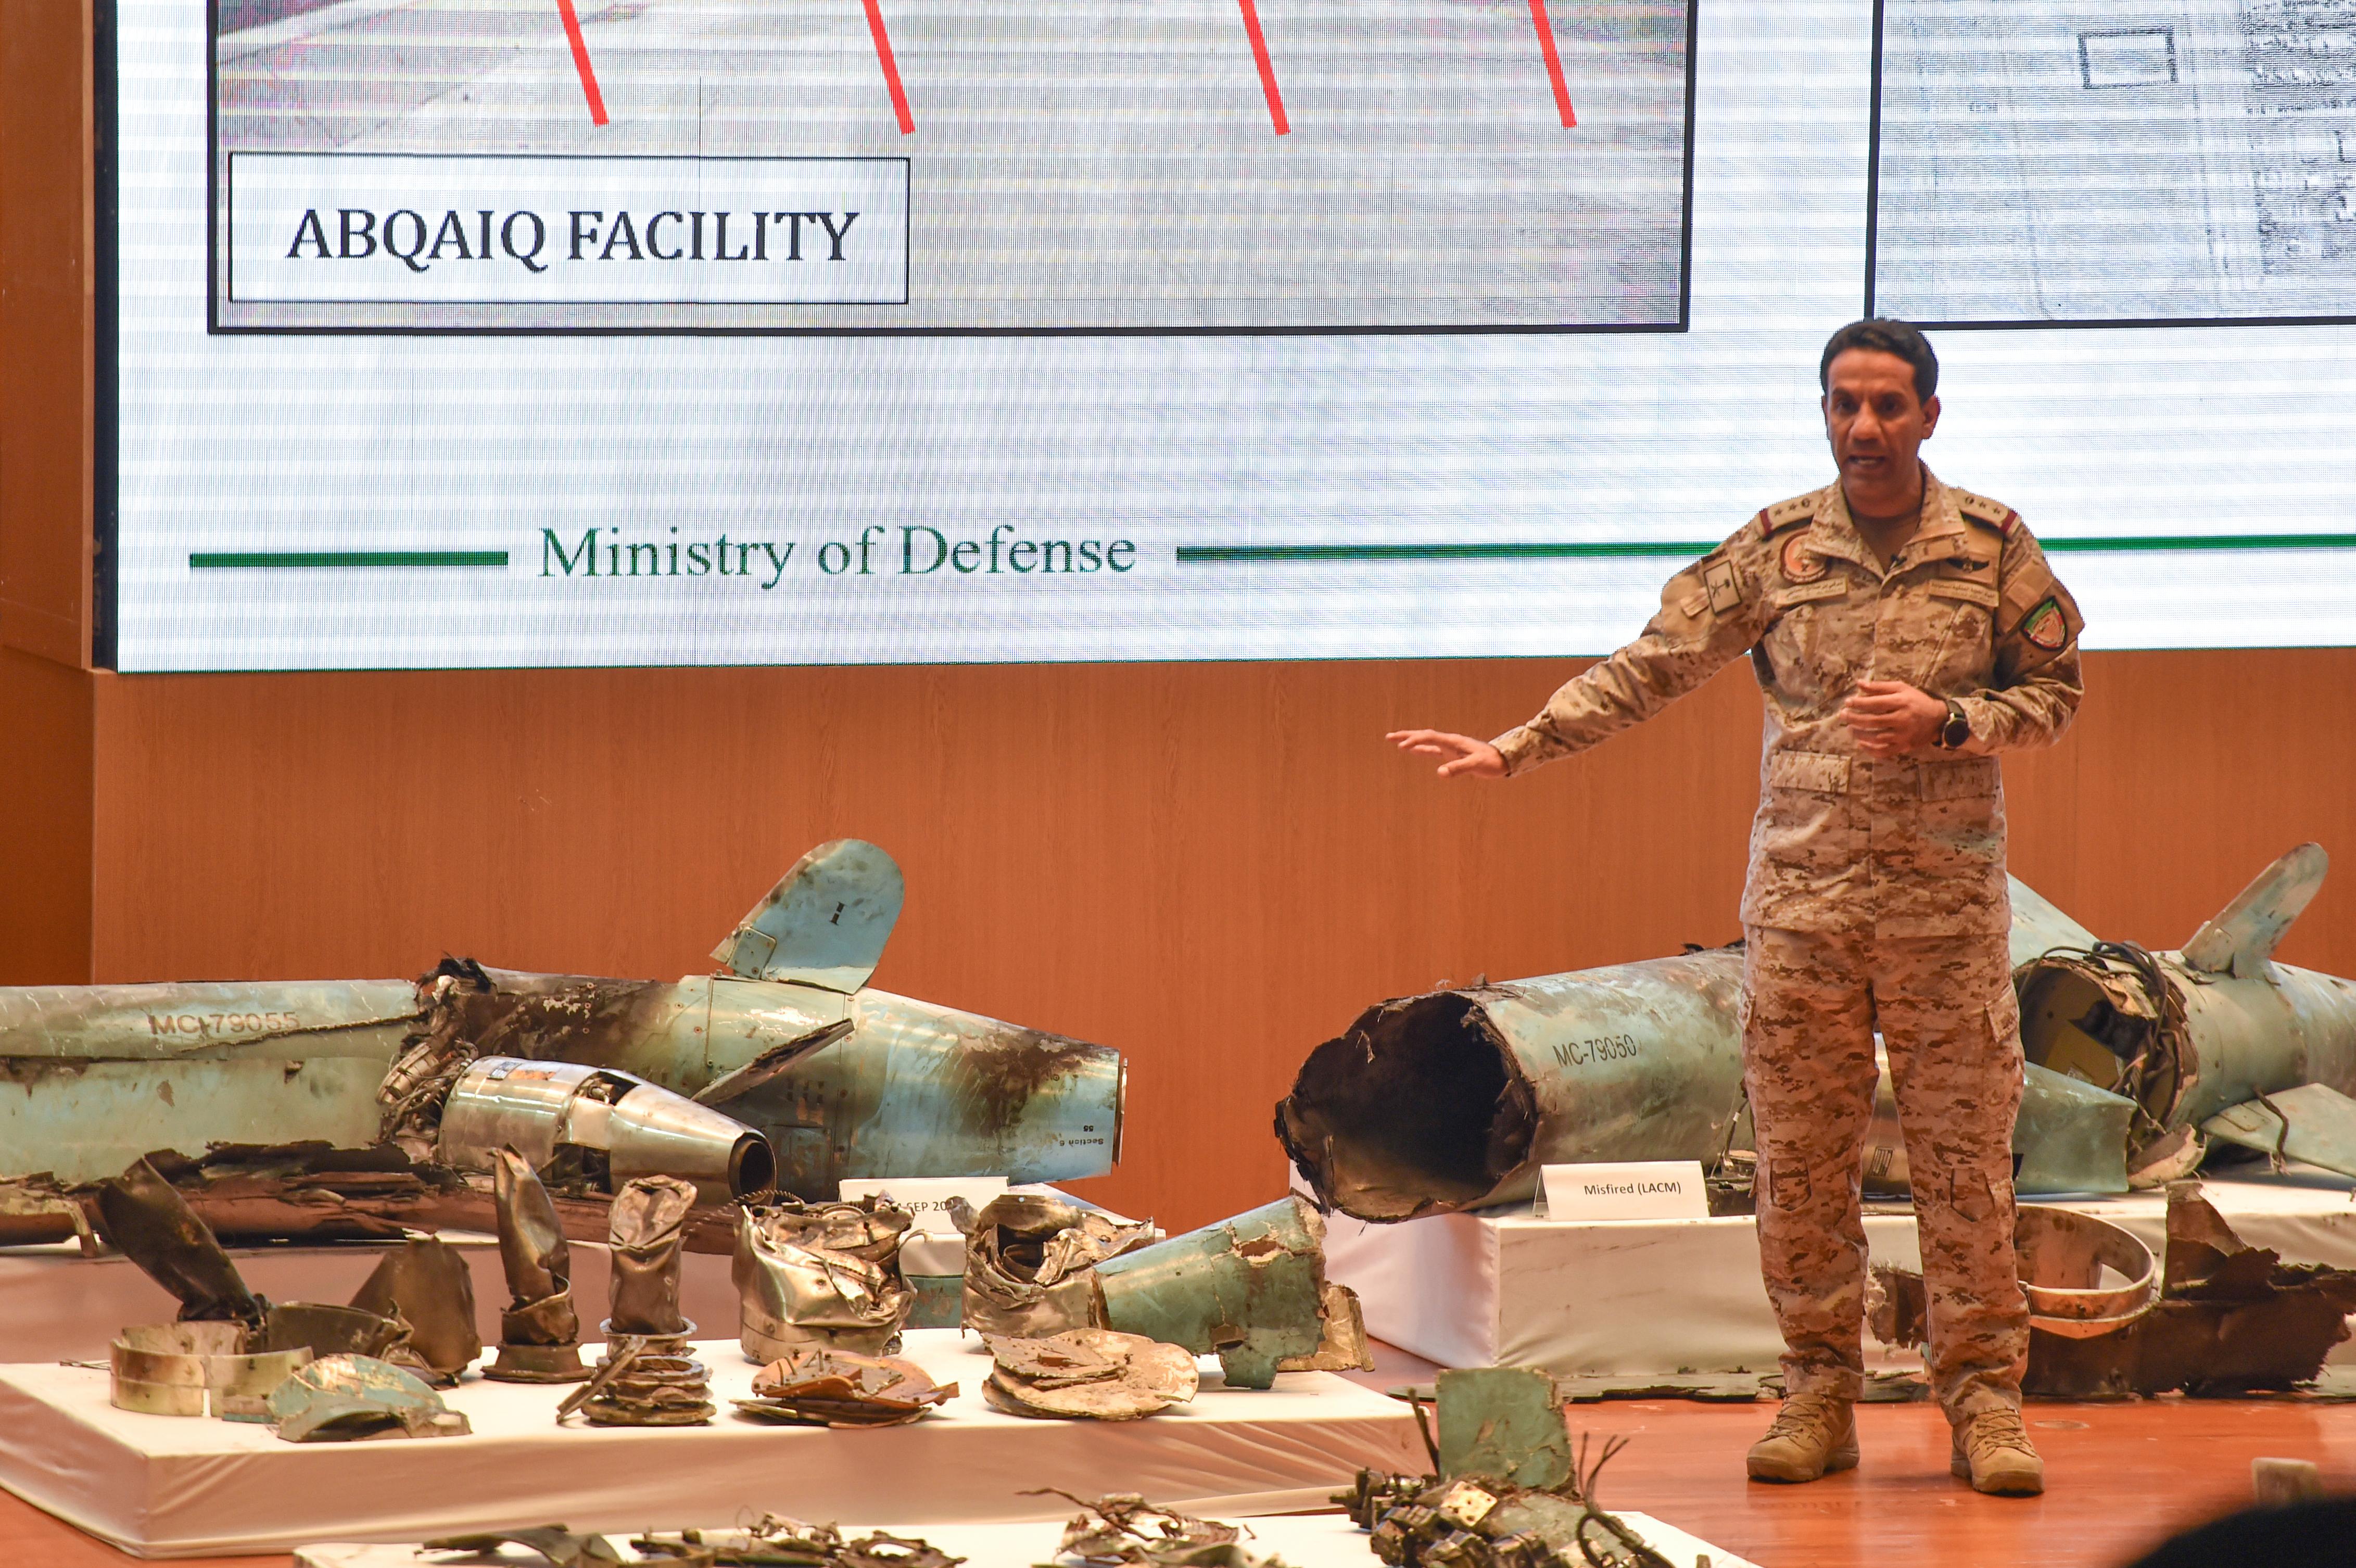 المتحدث العسكري السعودي تركي المالكي يعرض صورا لما قال إنها أسلحة إيرانية استخدمت في الهجوم ضد أرامكو السعودية